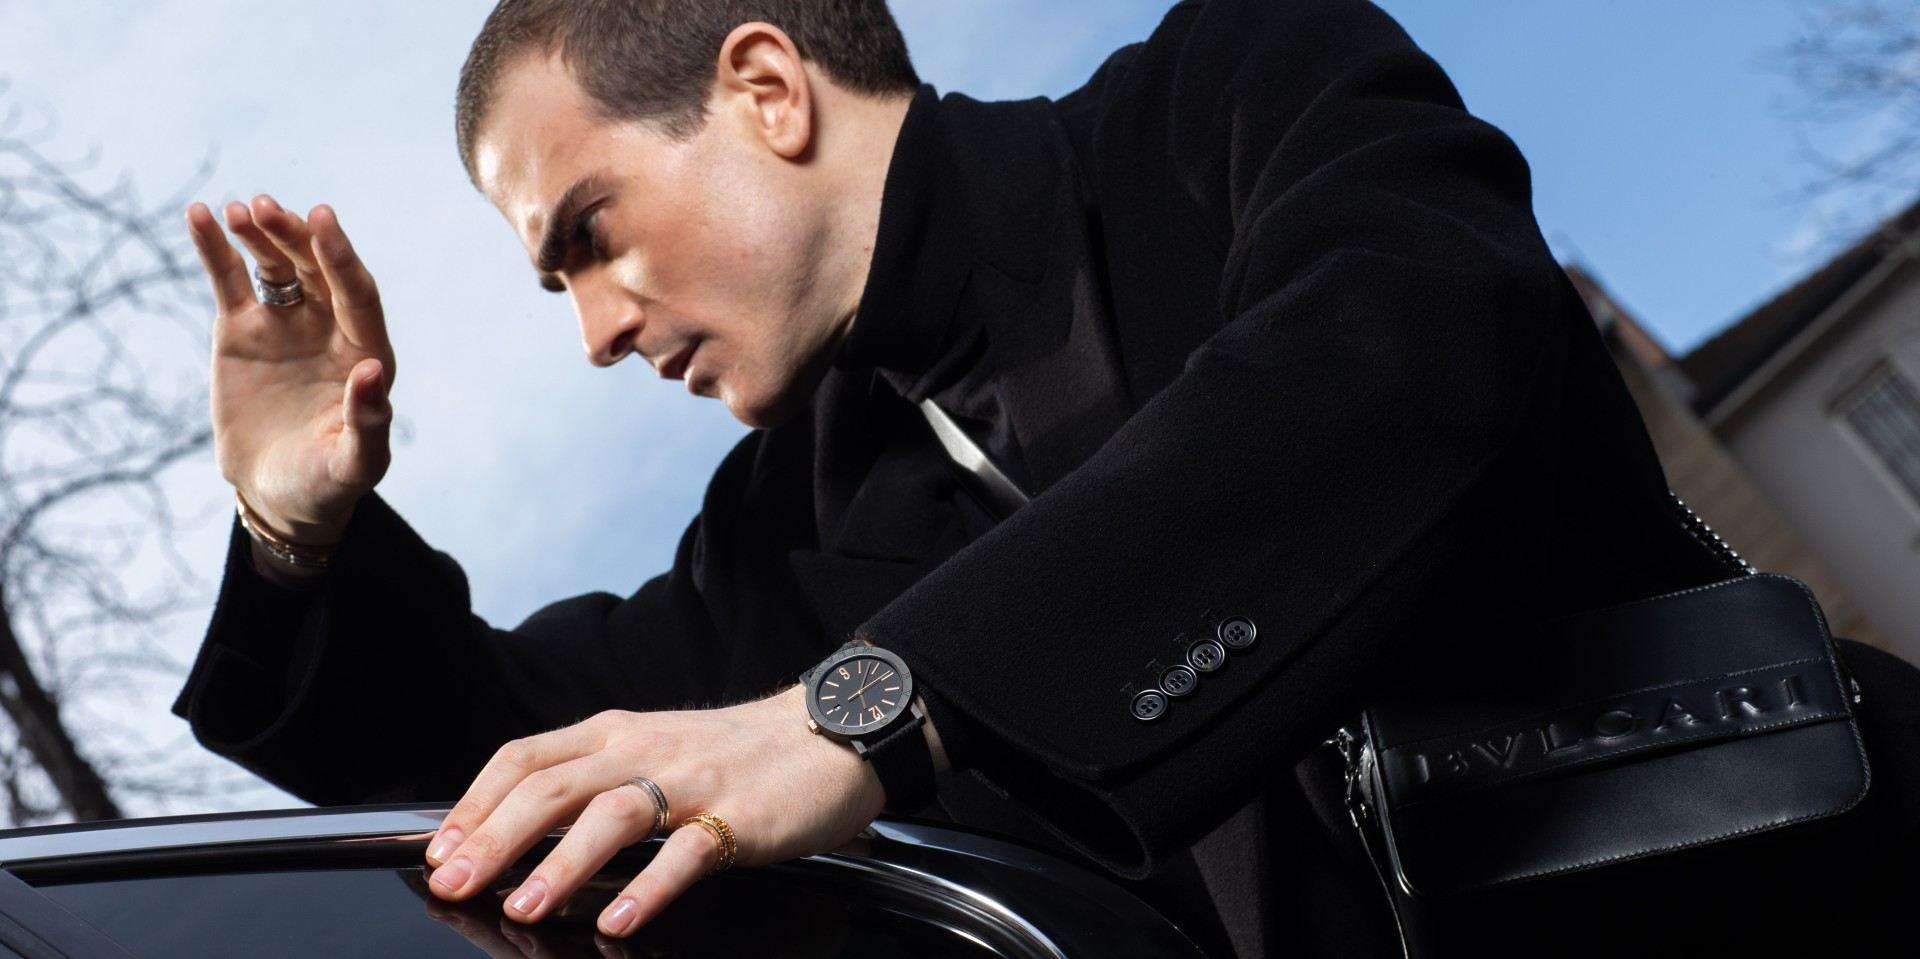 【2020線上錶展】都會運動風格腕錶巔峰之作:BVLGARI BVLGARI 城市系列 2020 年特別版